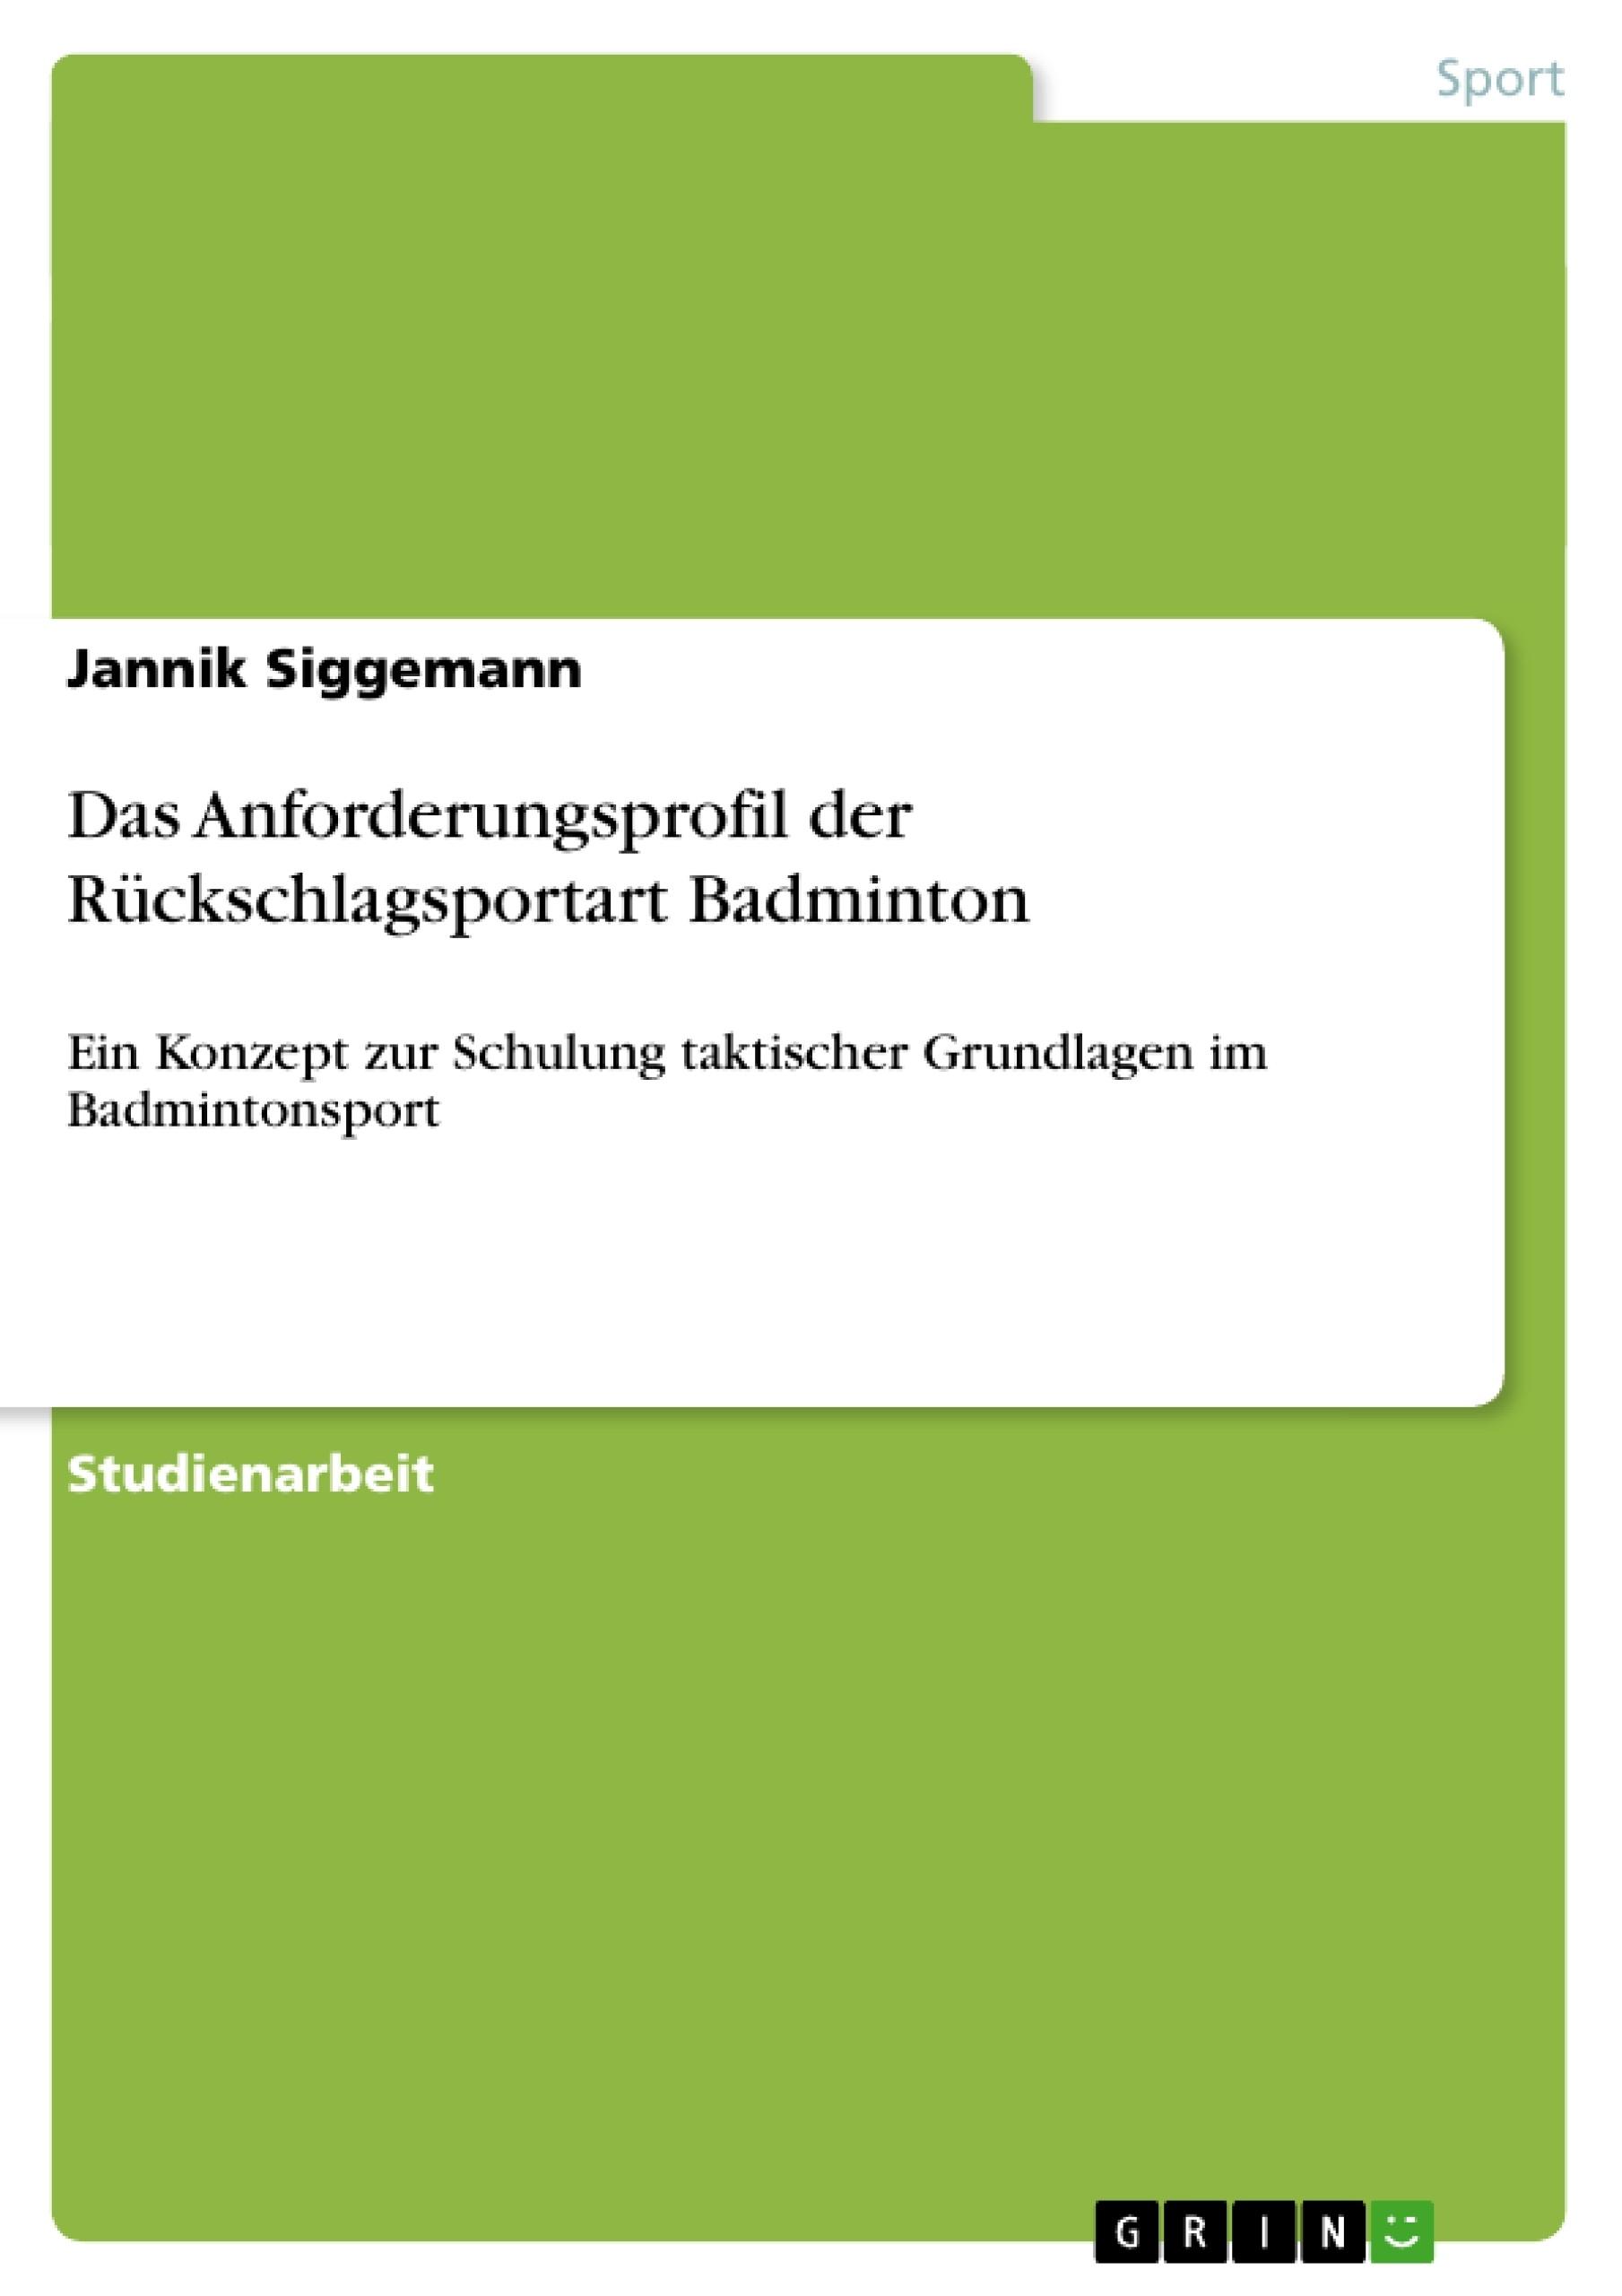 Titel: Das Anforderungsprofil der Rückschlagsportart Badminton